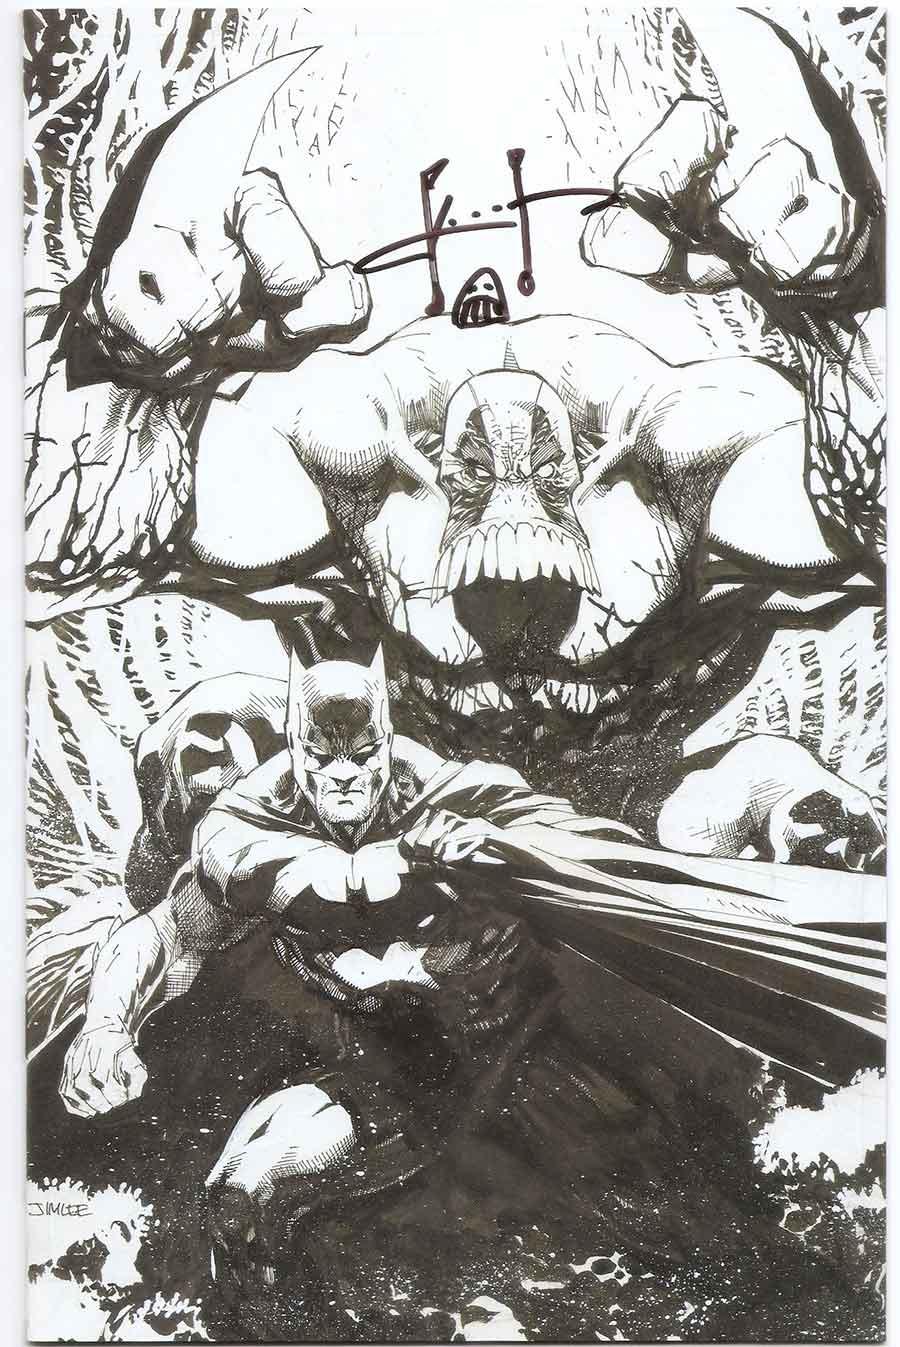 BATMAN the MAXX ARKHAM DREAMS 1 2 3 4 5 1st print A set IDW COMIC DC SAM KIETH